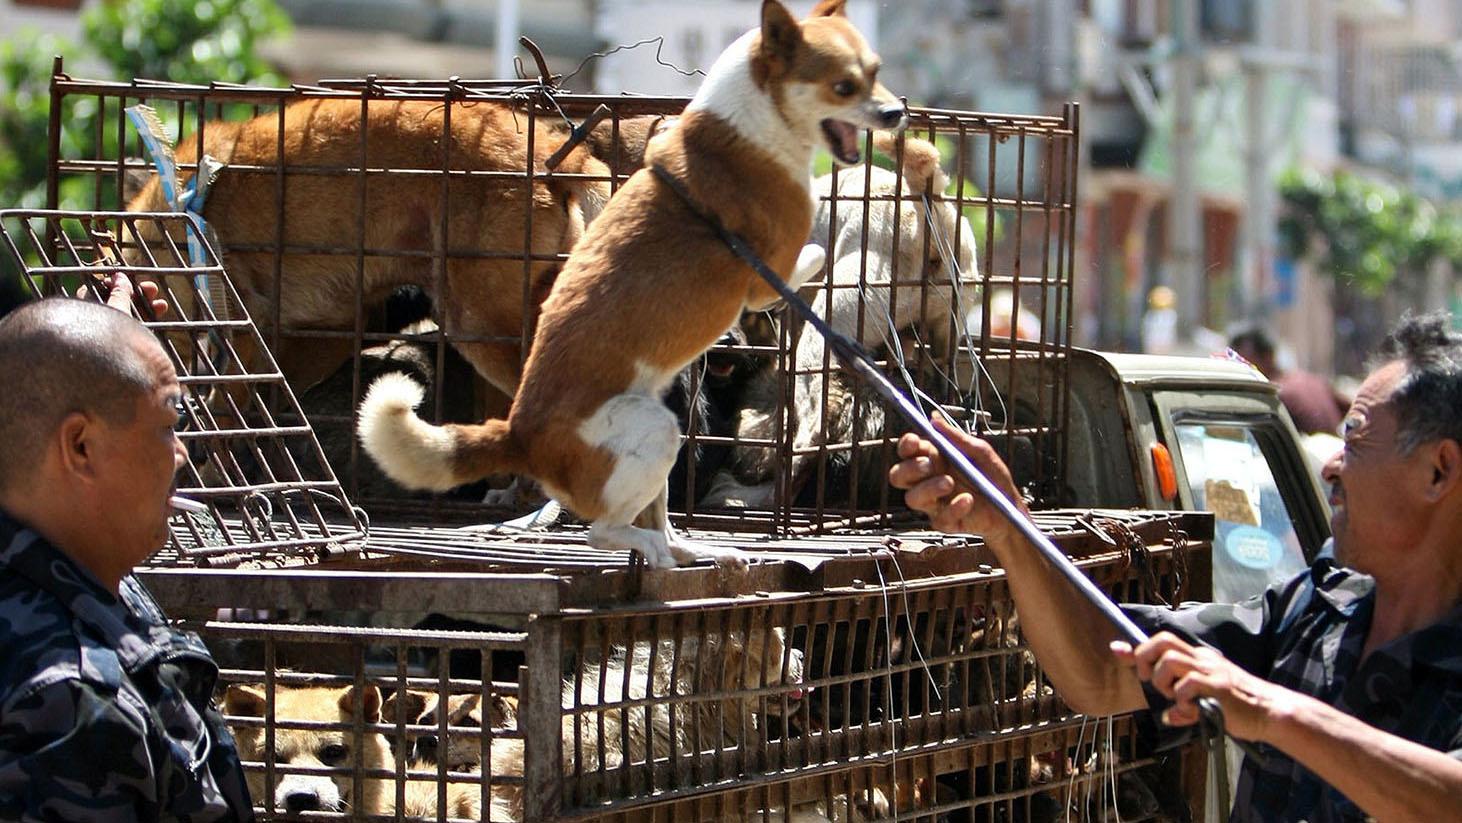 各城市限狗令一出,不少狗只难逃被捕命运。(法新社)